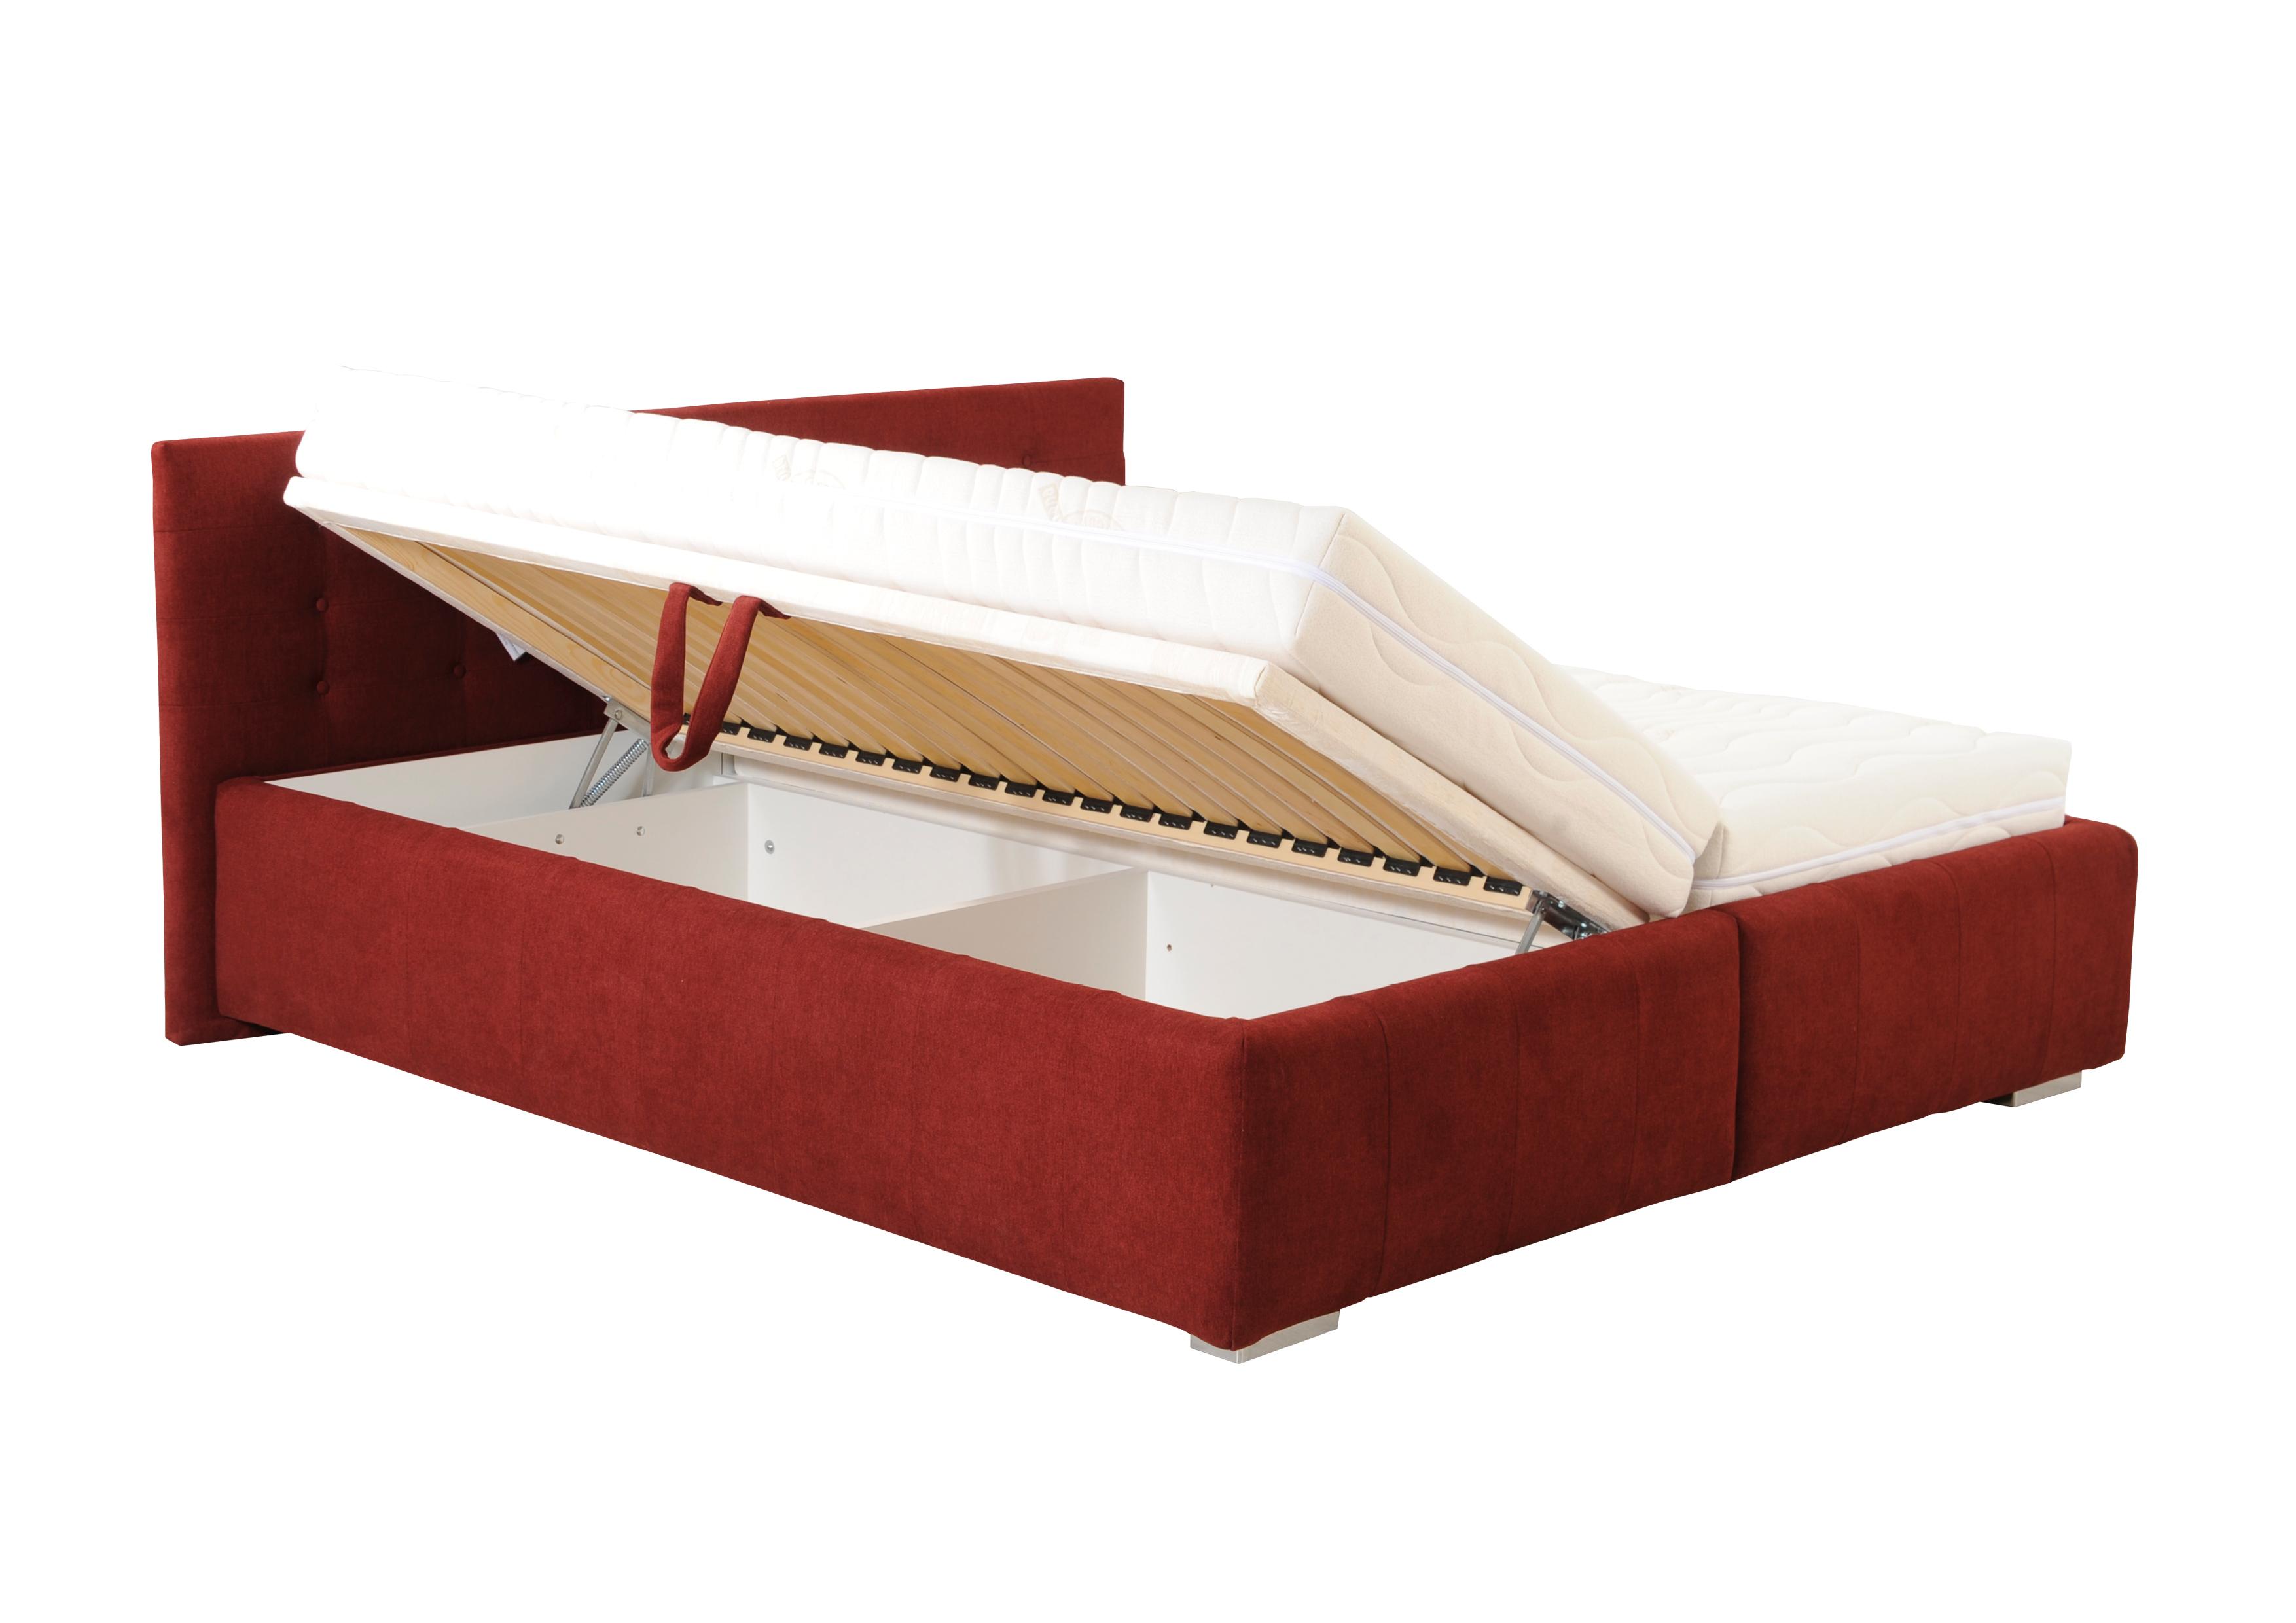 ASTERIA dvoulůžková čalouněná postel s úložným prostorem